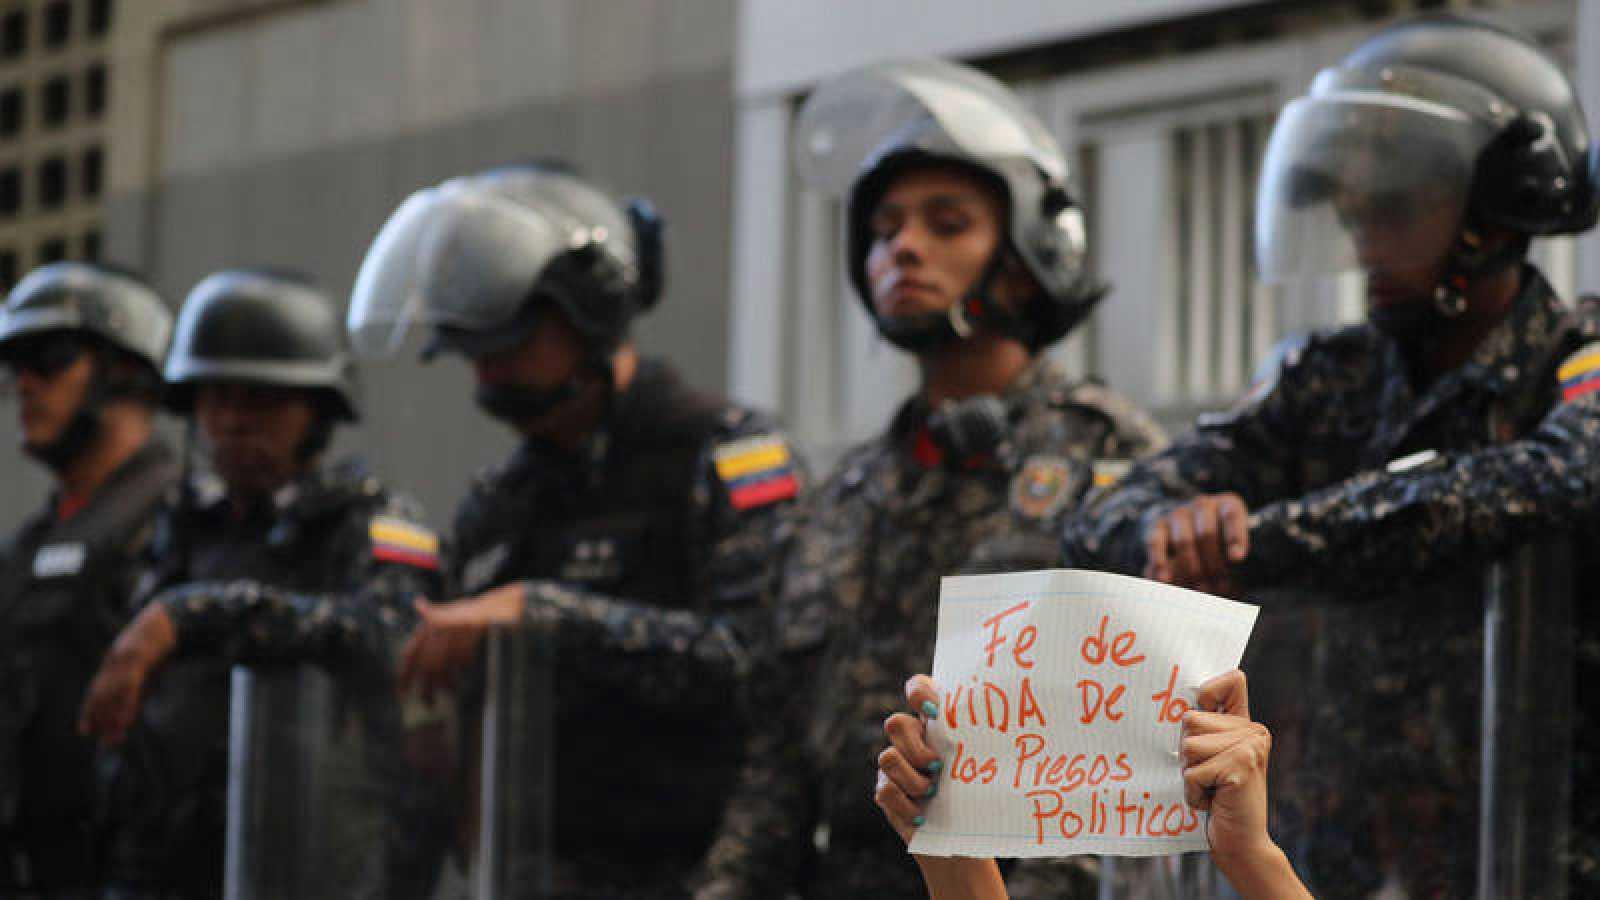 La UE pide a Venezuela una investigación rigurosa sobre la muerte del opositor Albán